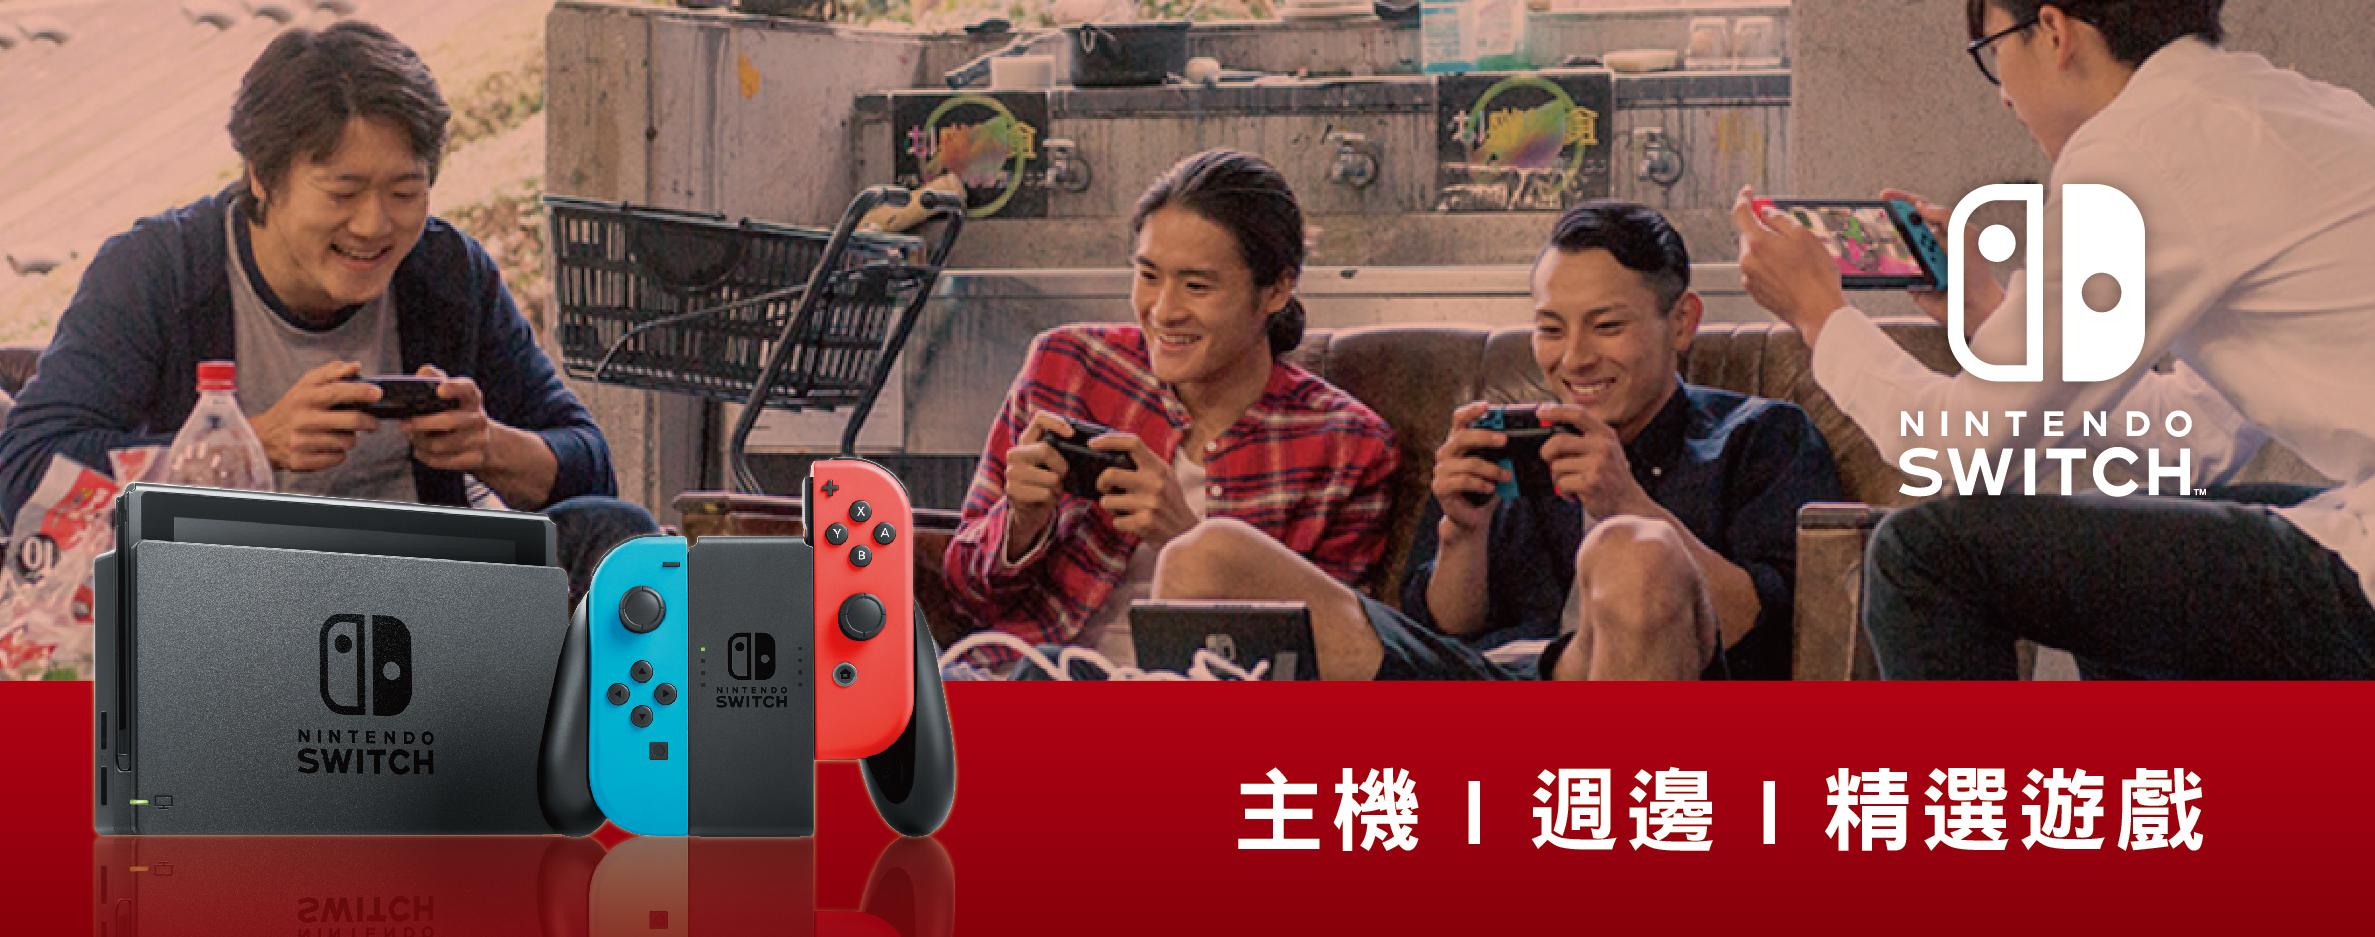 茶米電玩品牌名店 PS4遊戲,PS5,Switch遊戲,任天堂,遊戲主機,薩爾達,瑪利歐兄弟,精靈寶可夢,劍與盾